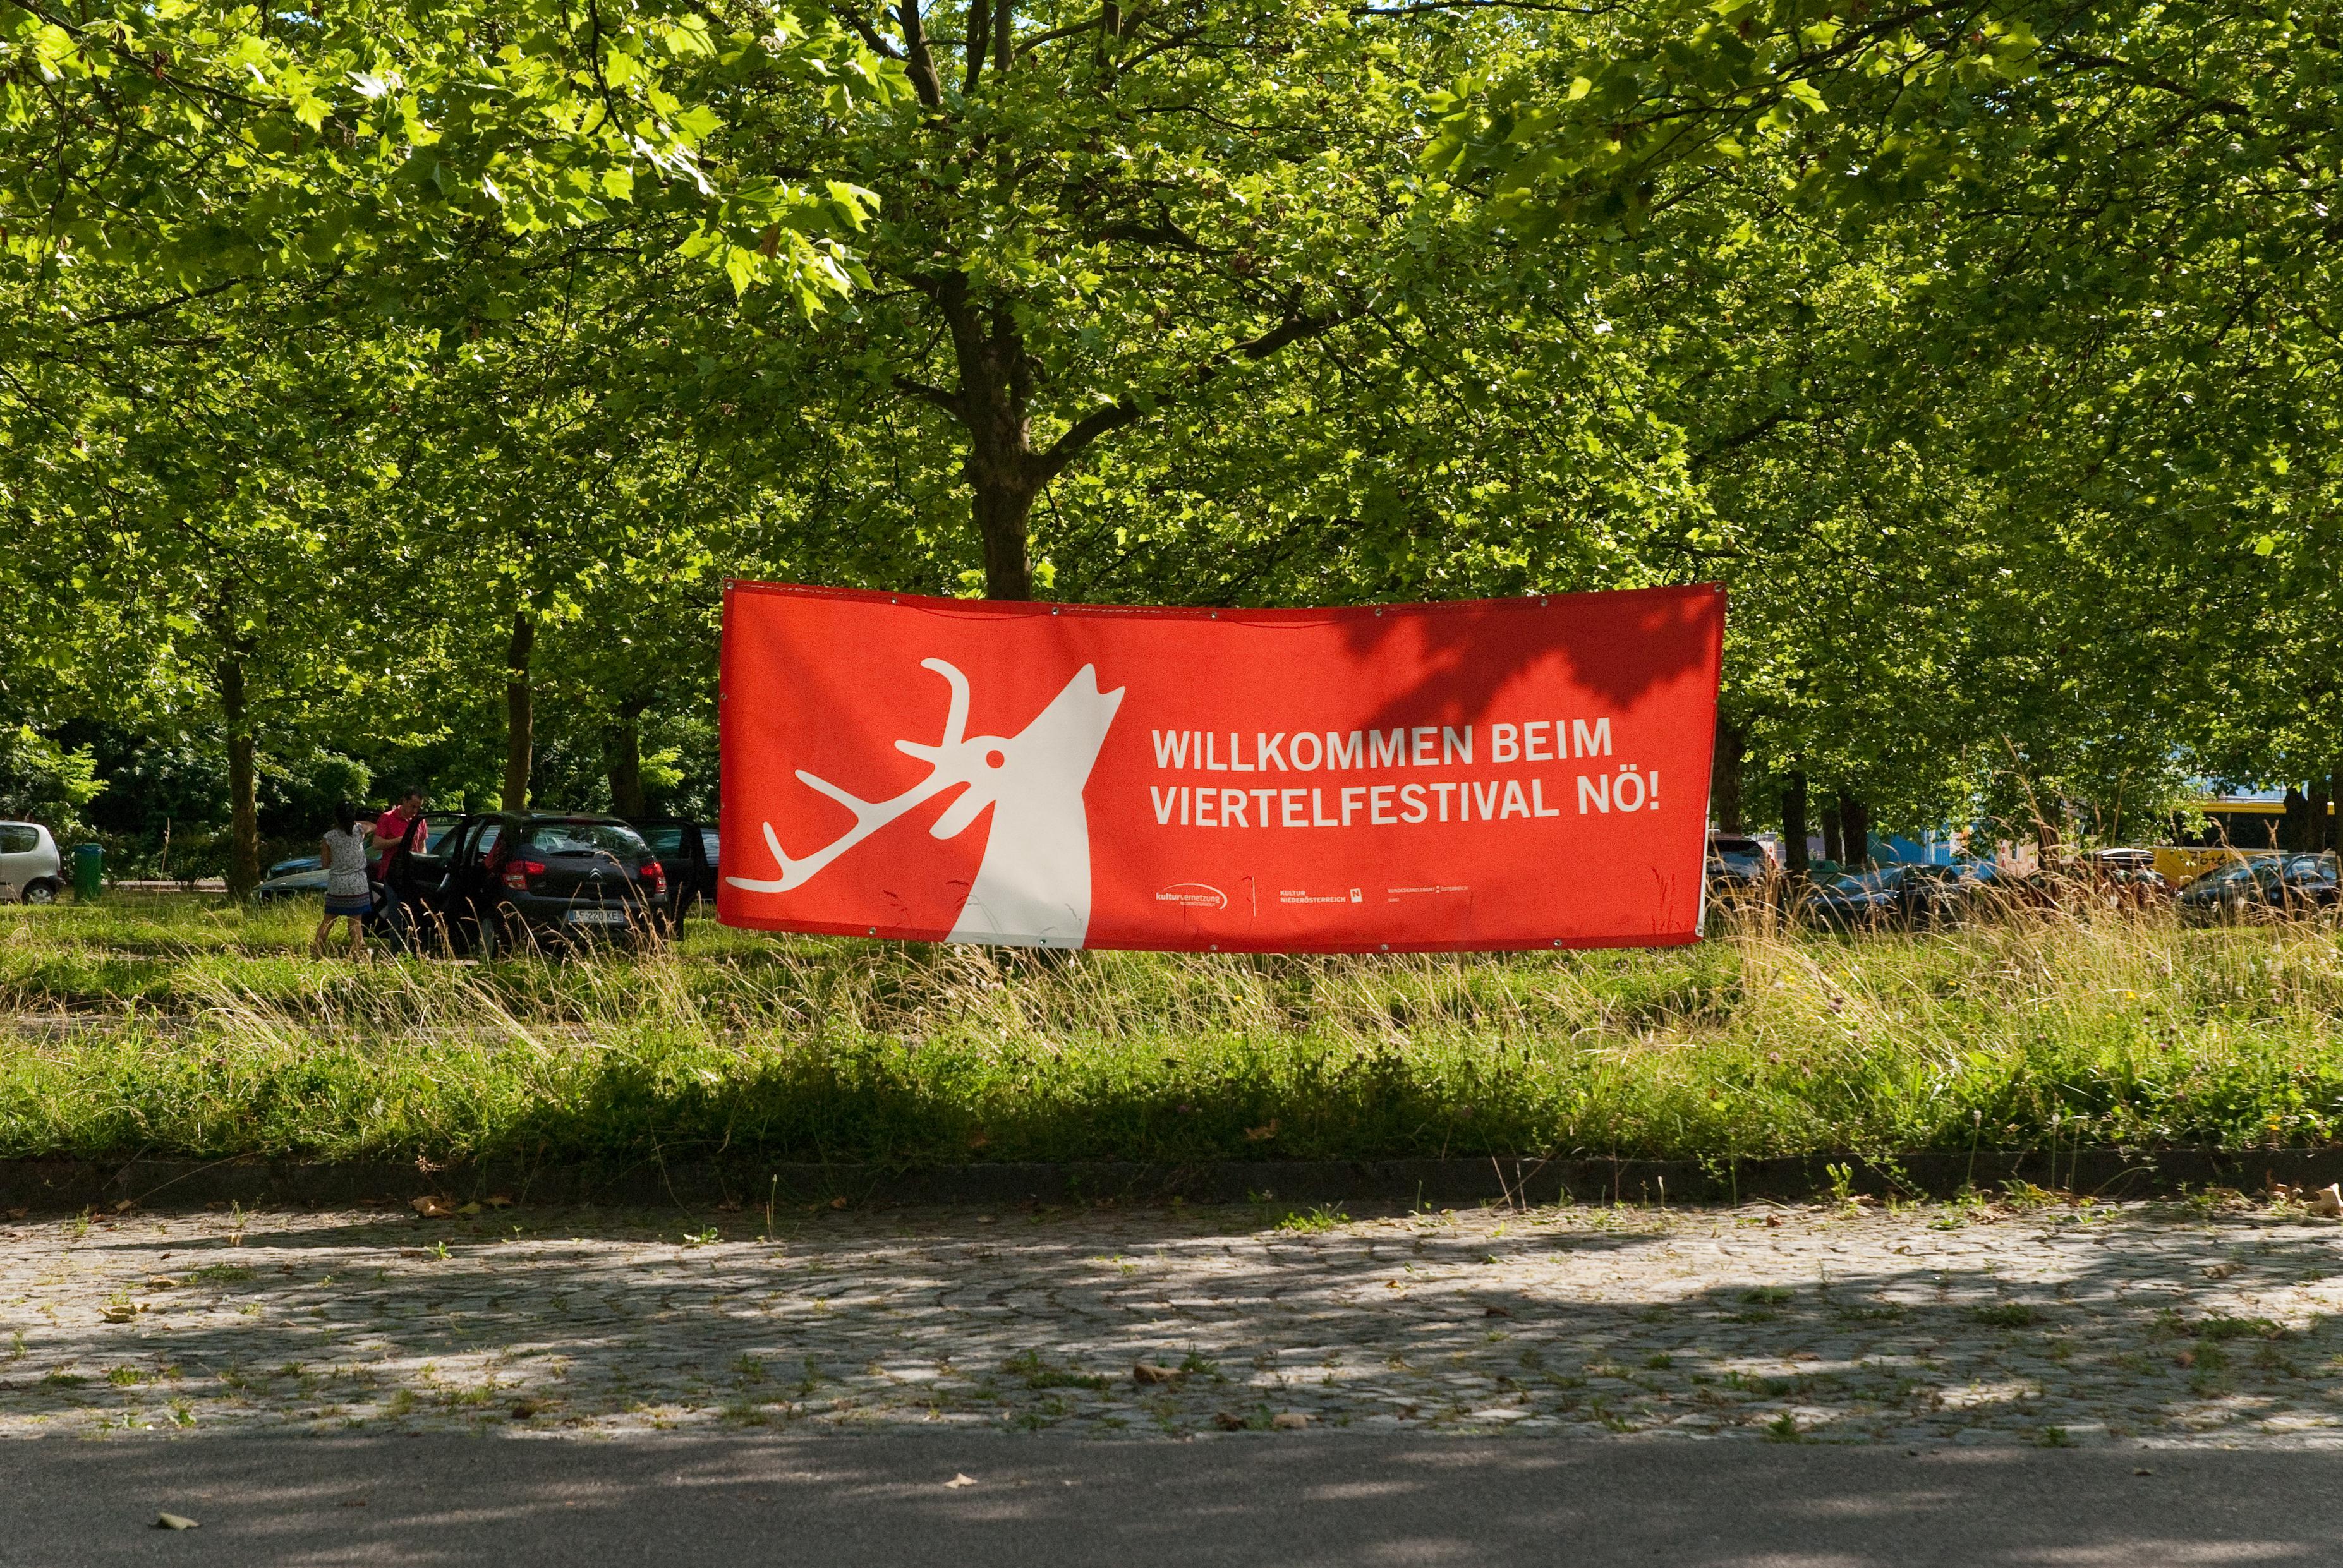 Viertelfestival NÖ – Industrieviertel 2019: Projekte zum können bis 18. Juni eingereicht werden